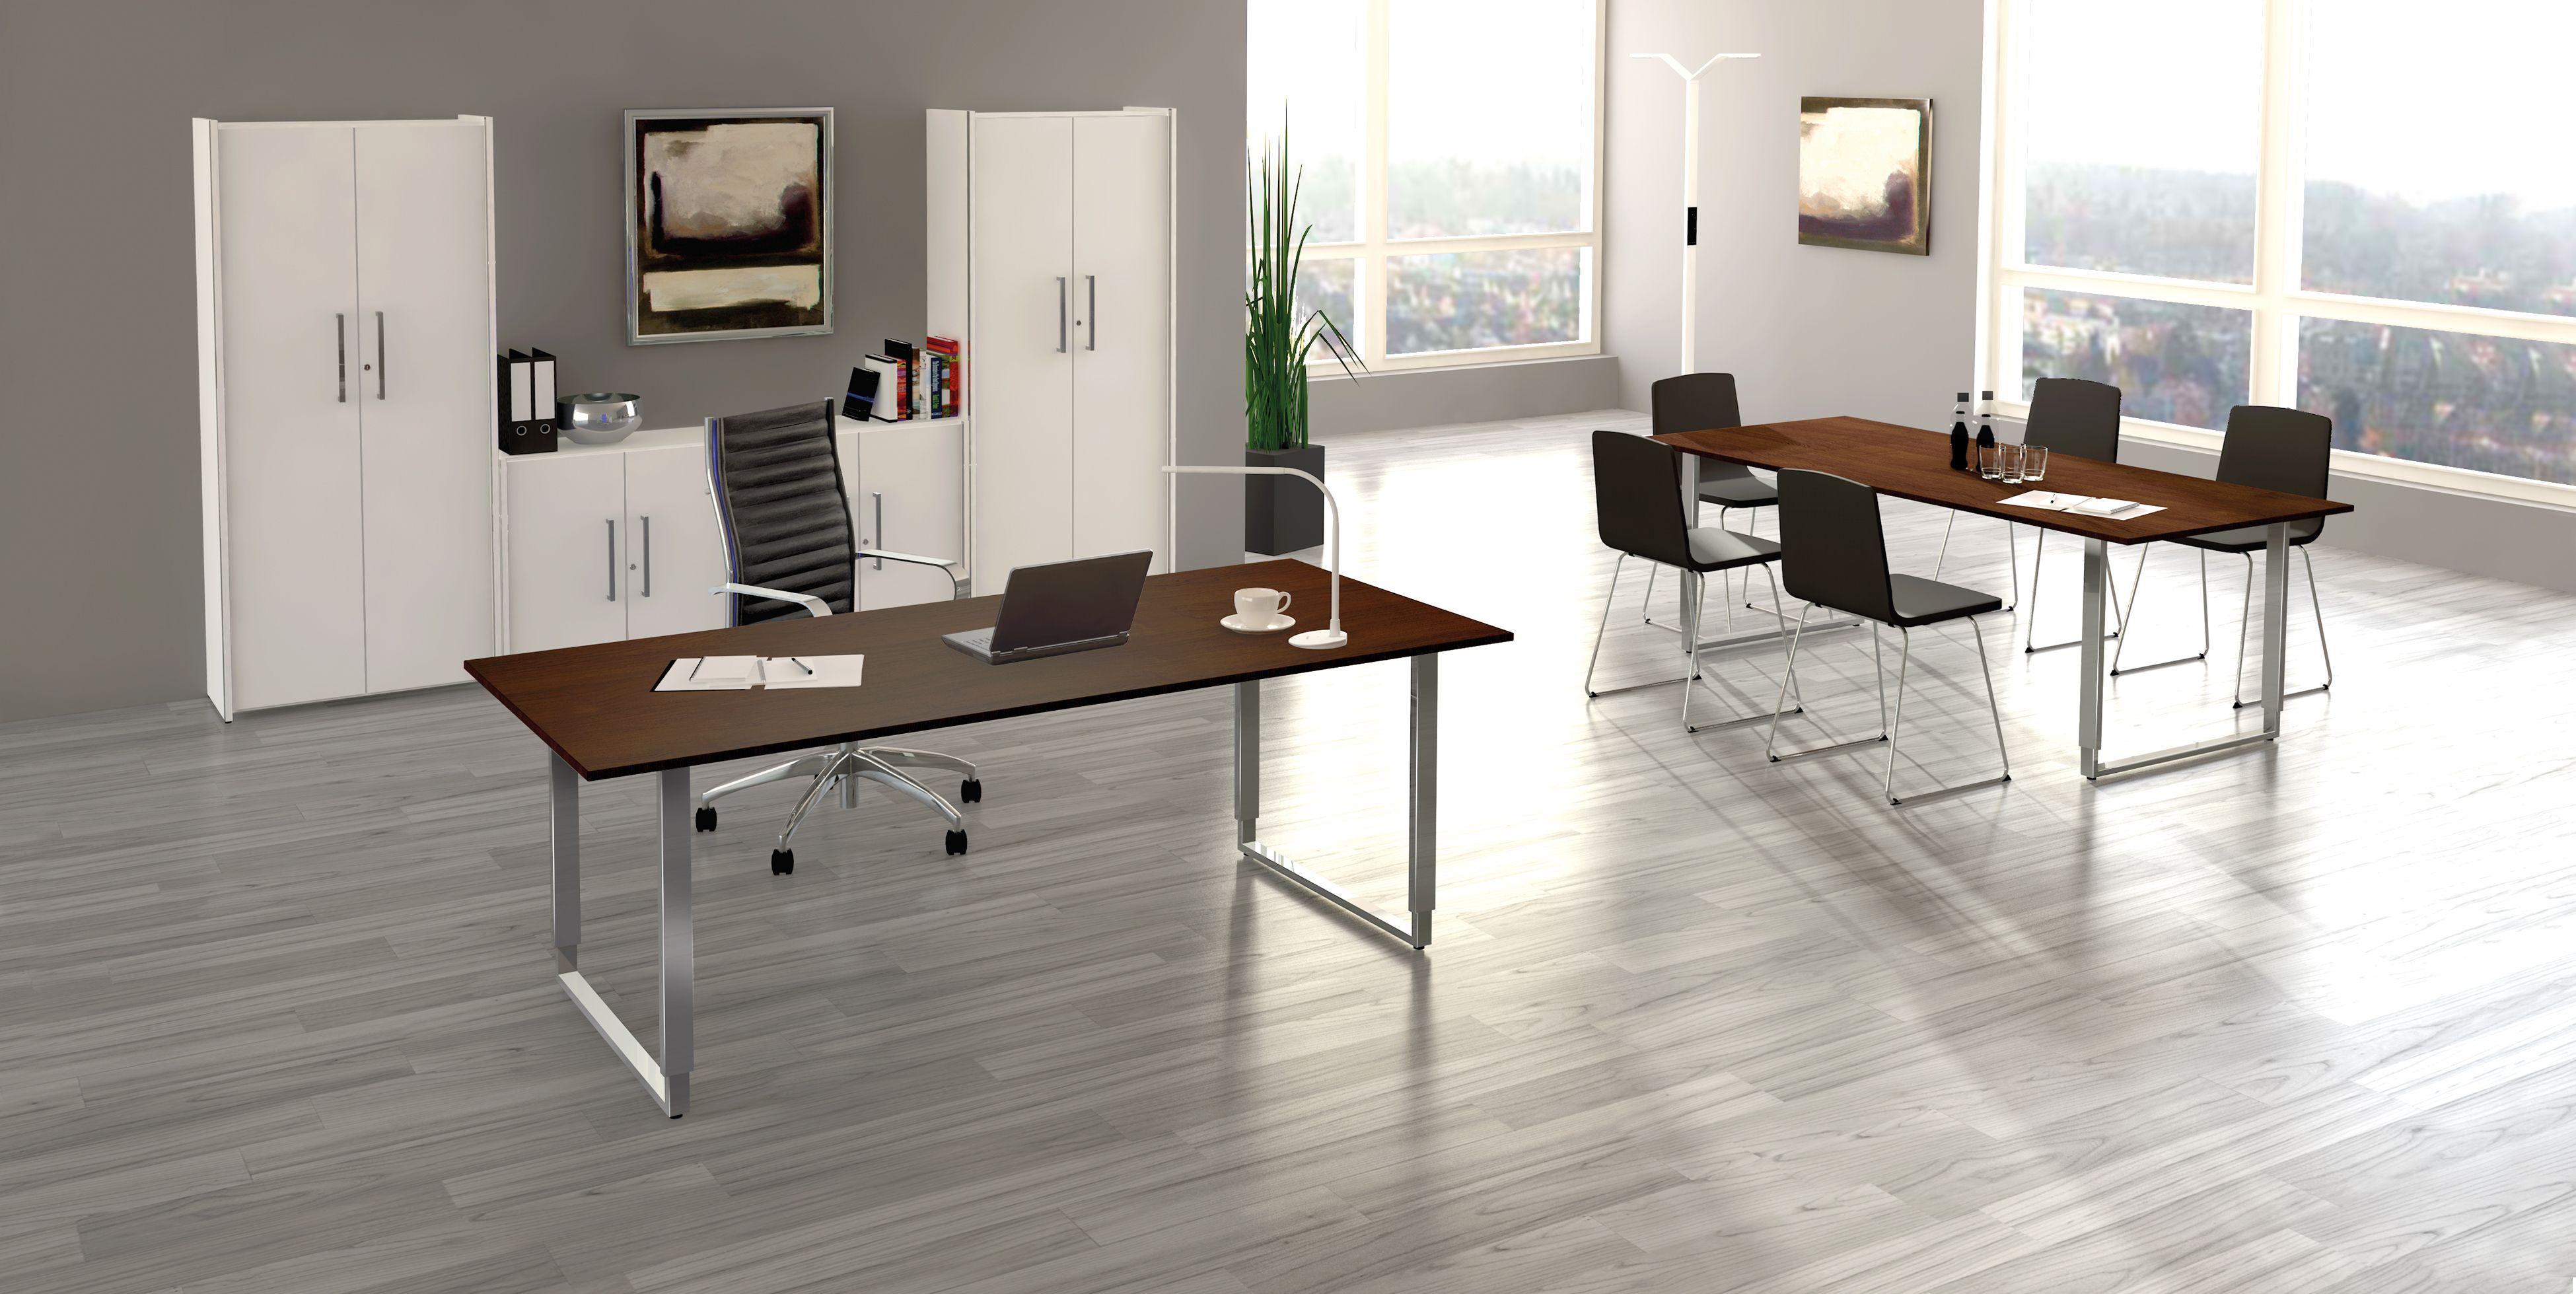 Liebenswert Büro Ideen Das Beste Von Schreibtisch Palermo Aus Holz/edelstahl | Klassiker Direkt